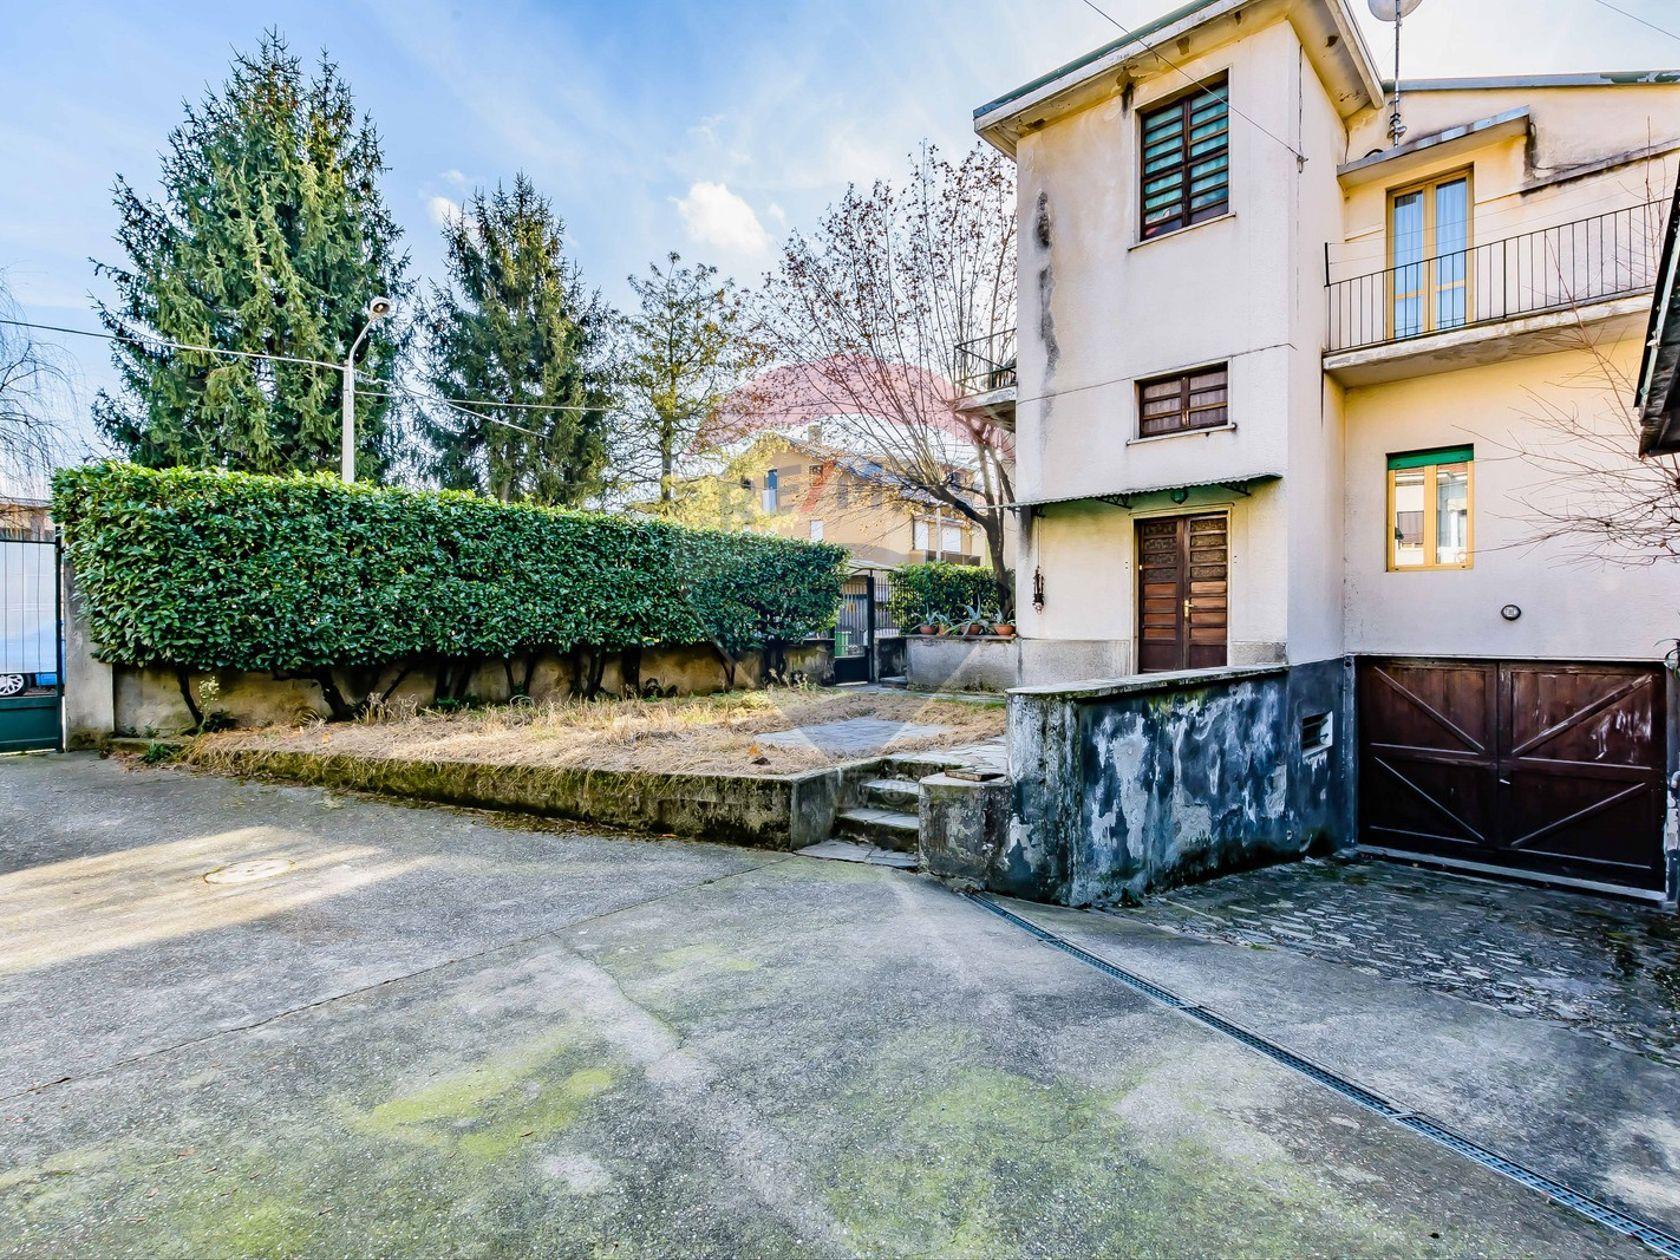 8f0ec42e8 Casa Semindipendente In Vendita Busto Arsizio 20821114-74 - RE MAX